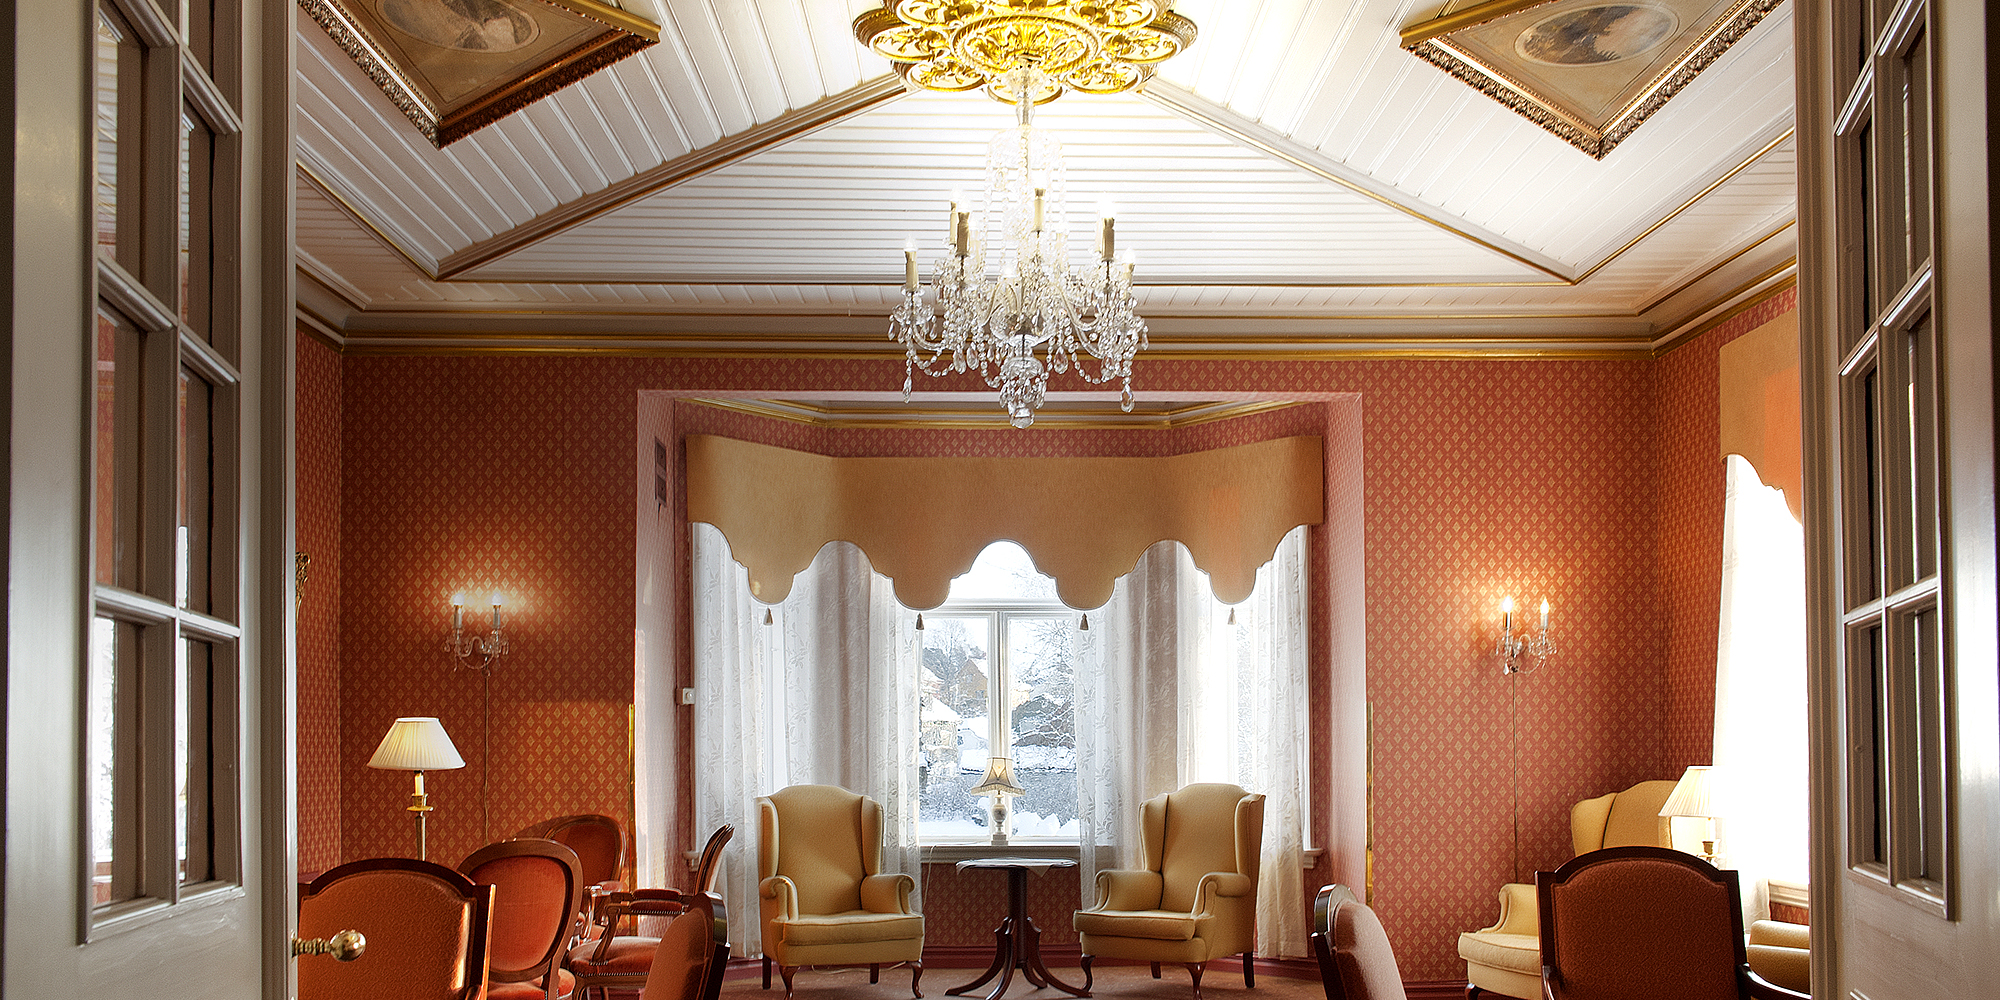 Best Western Tingvold Park Hotell - Det røde rom. Copyright: Best Western Tingvold Park Hotell